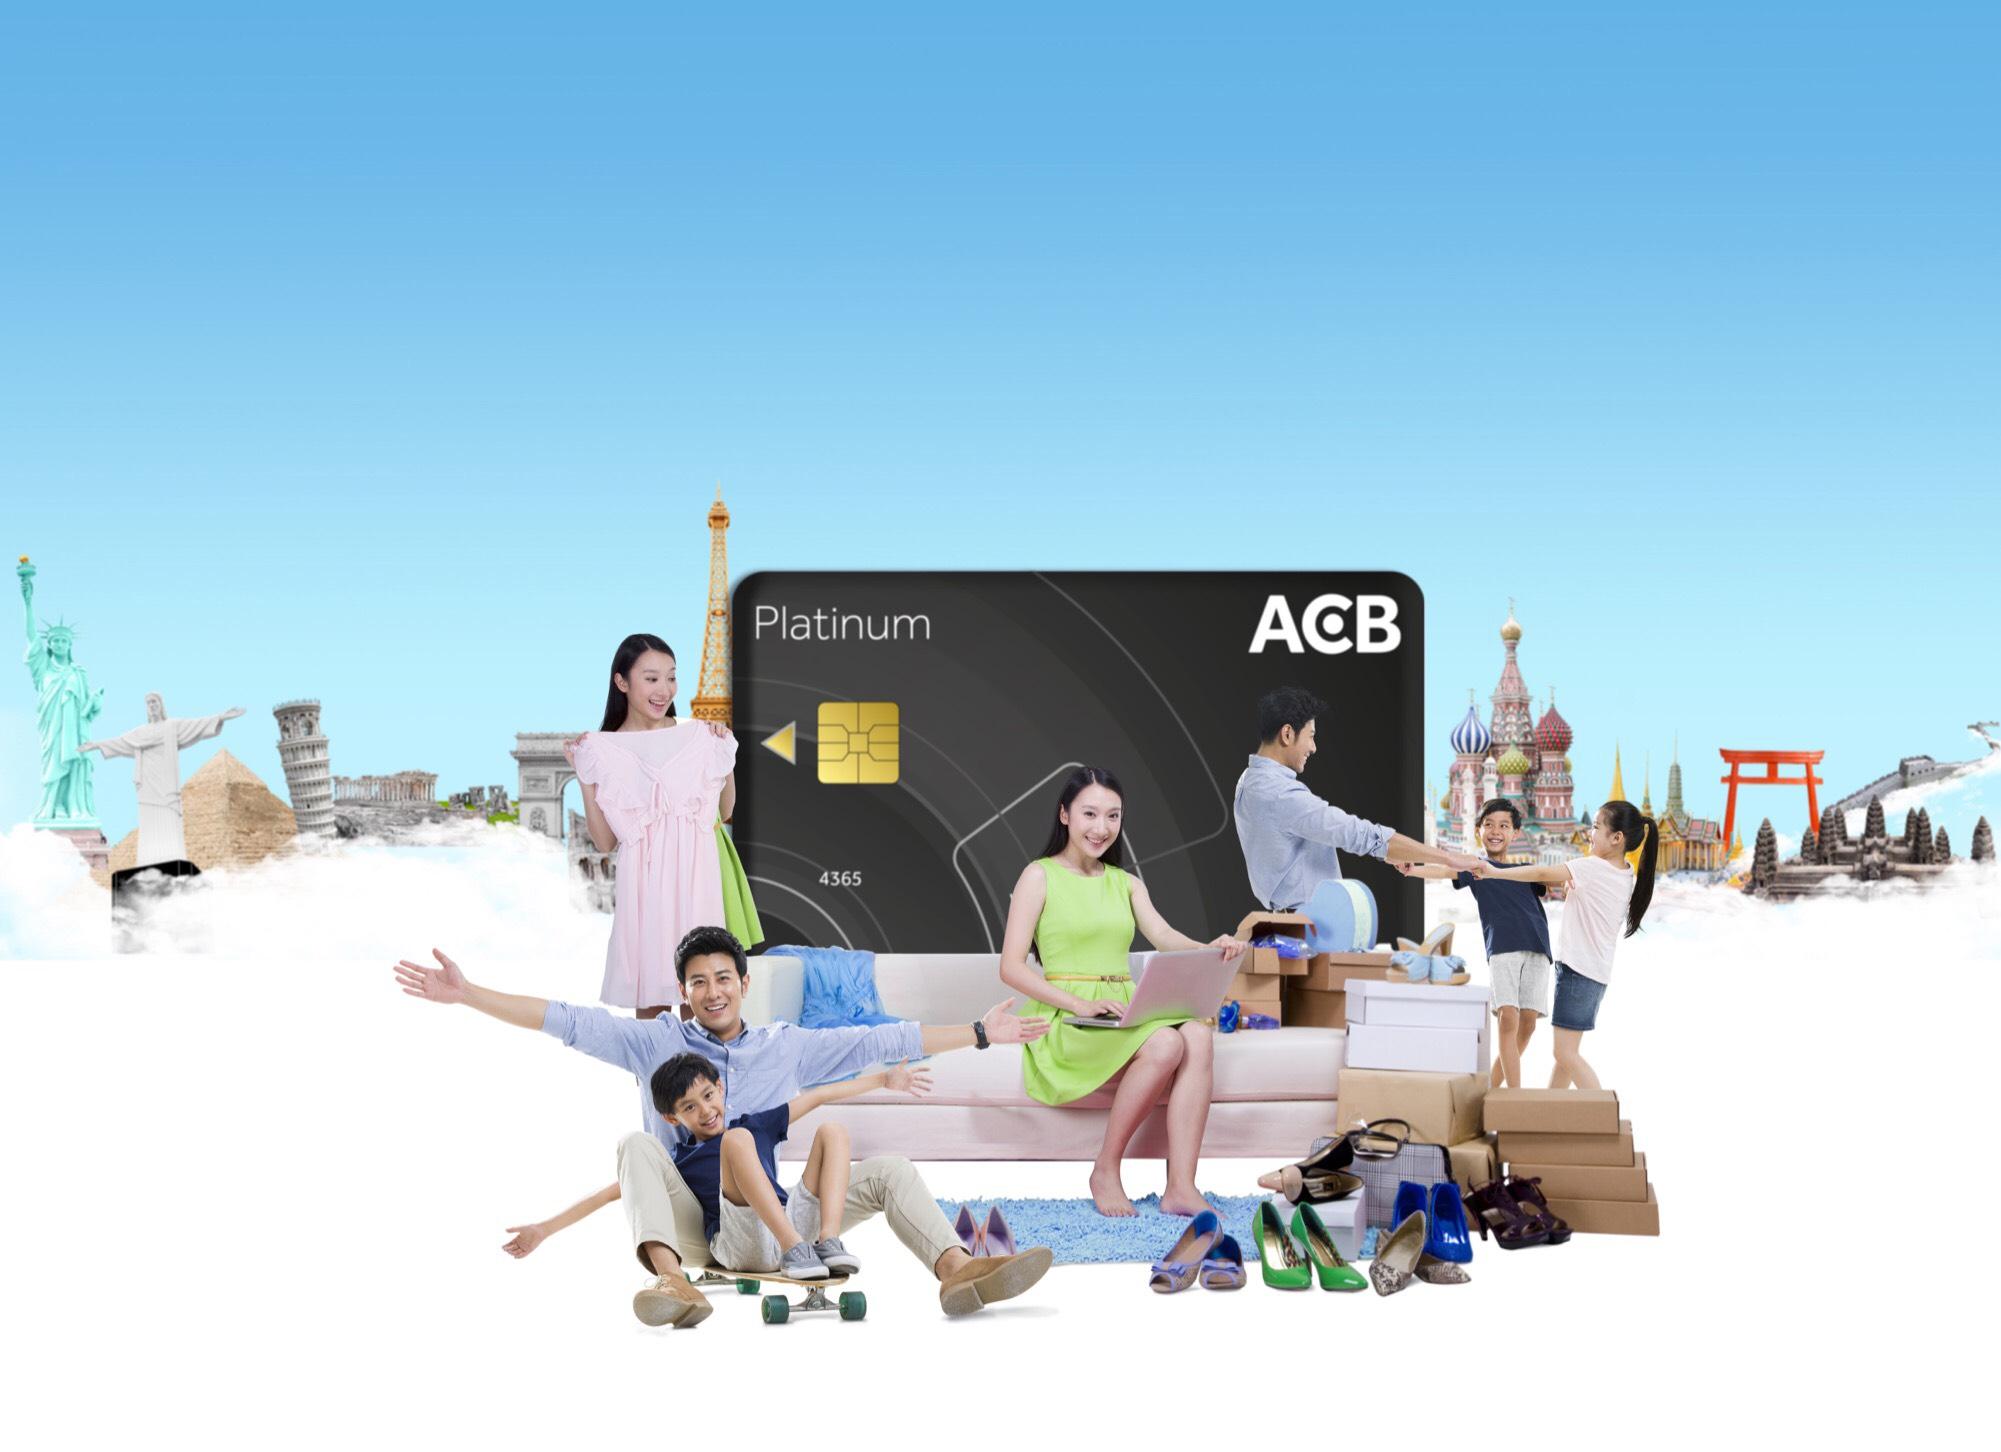 Cách đăng ký thẻ Visa ACB mới nhất